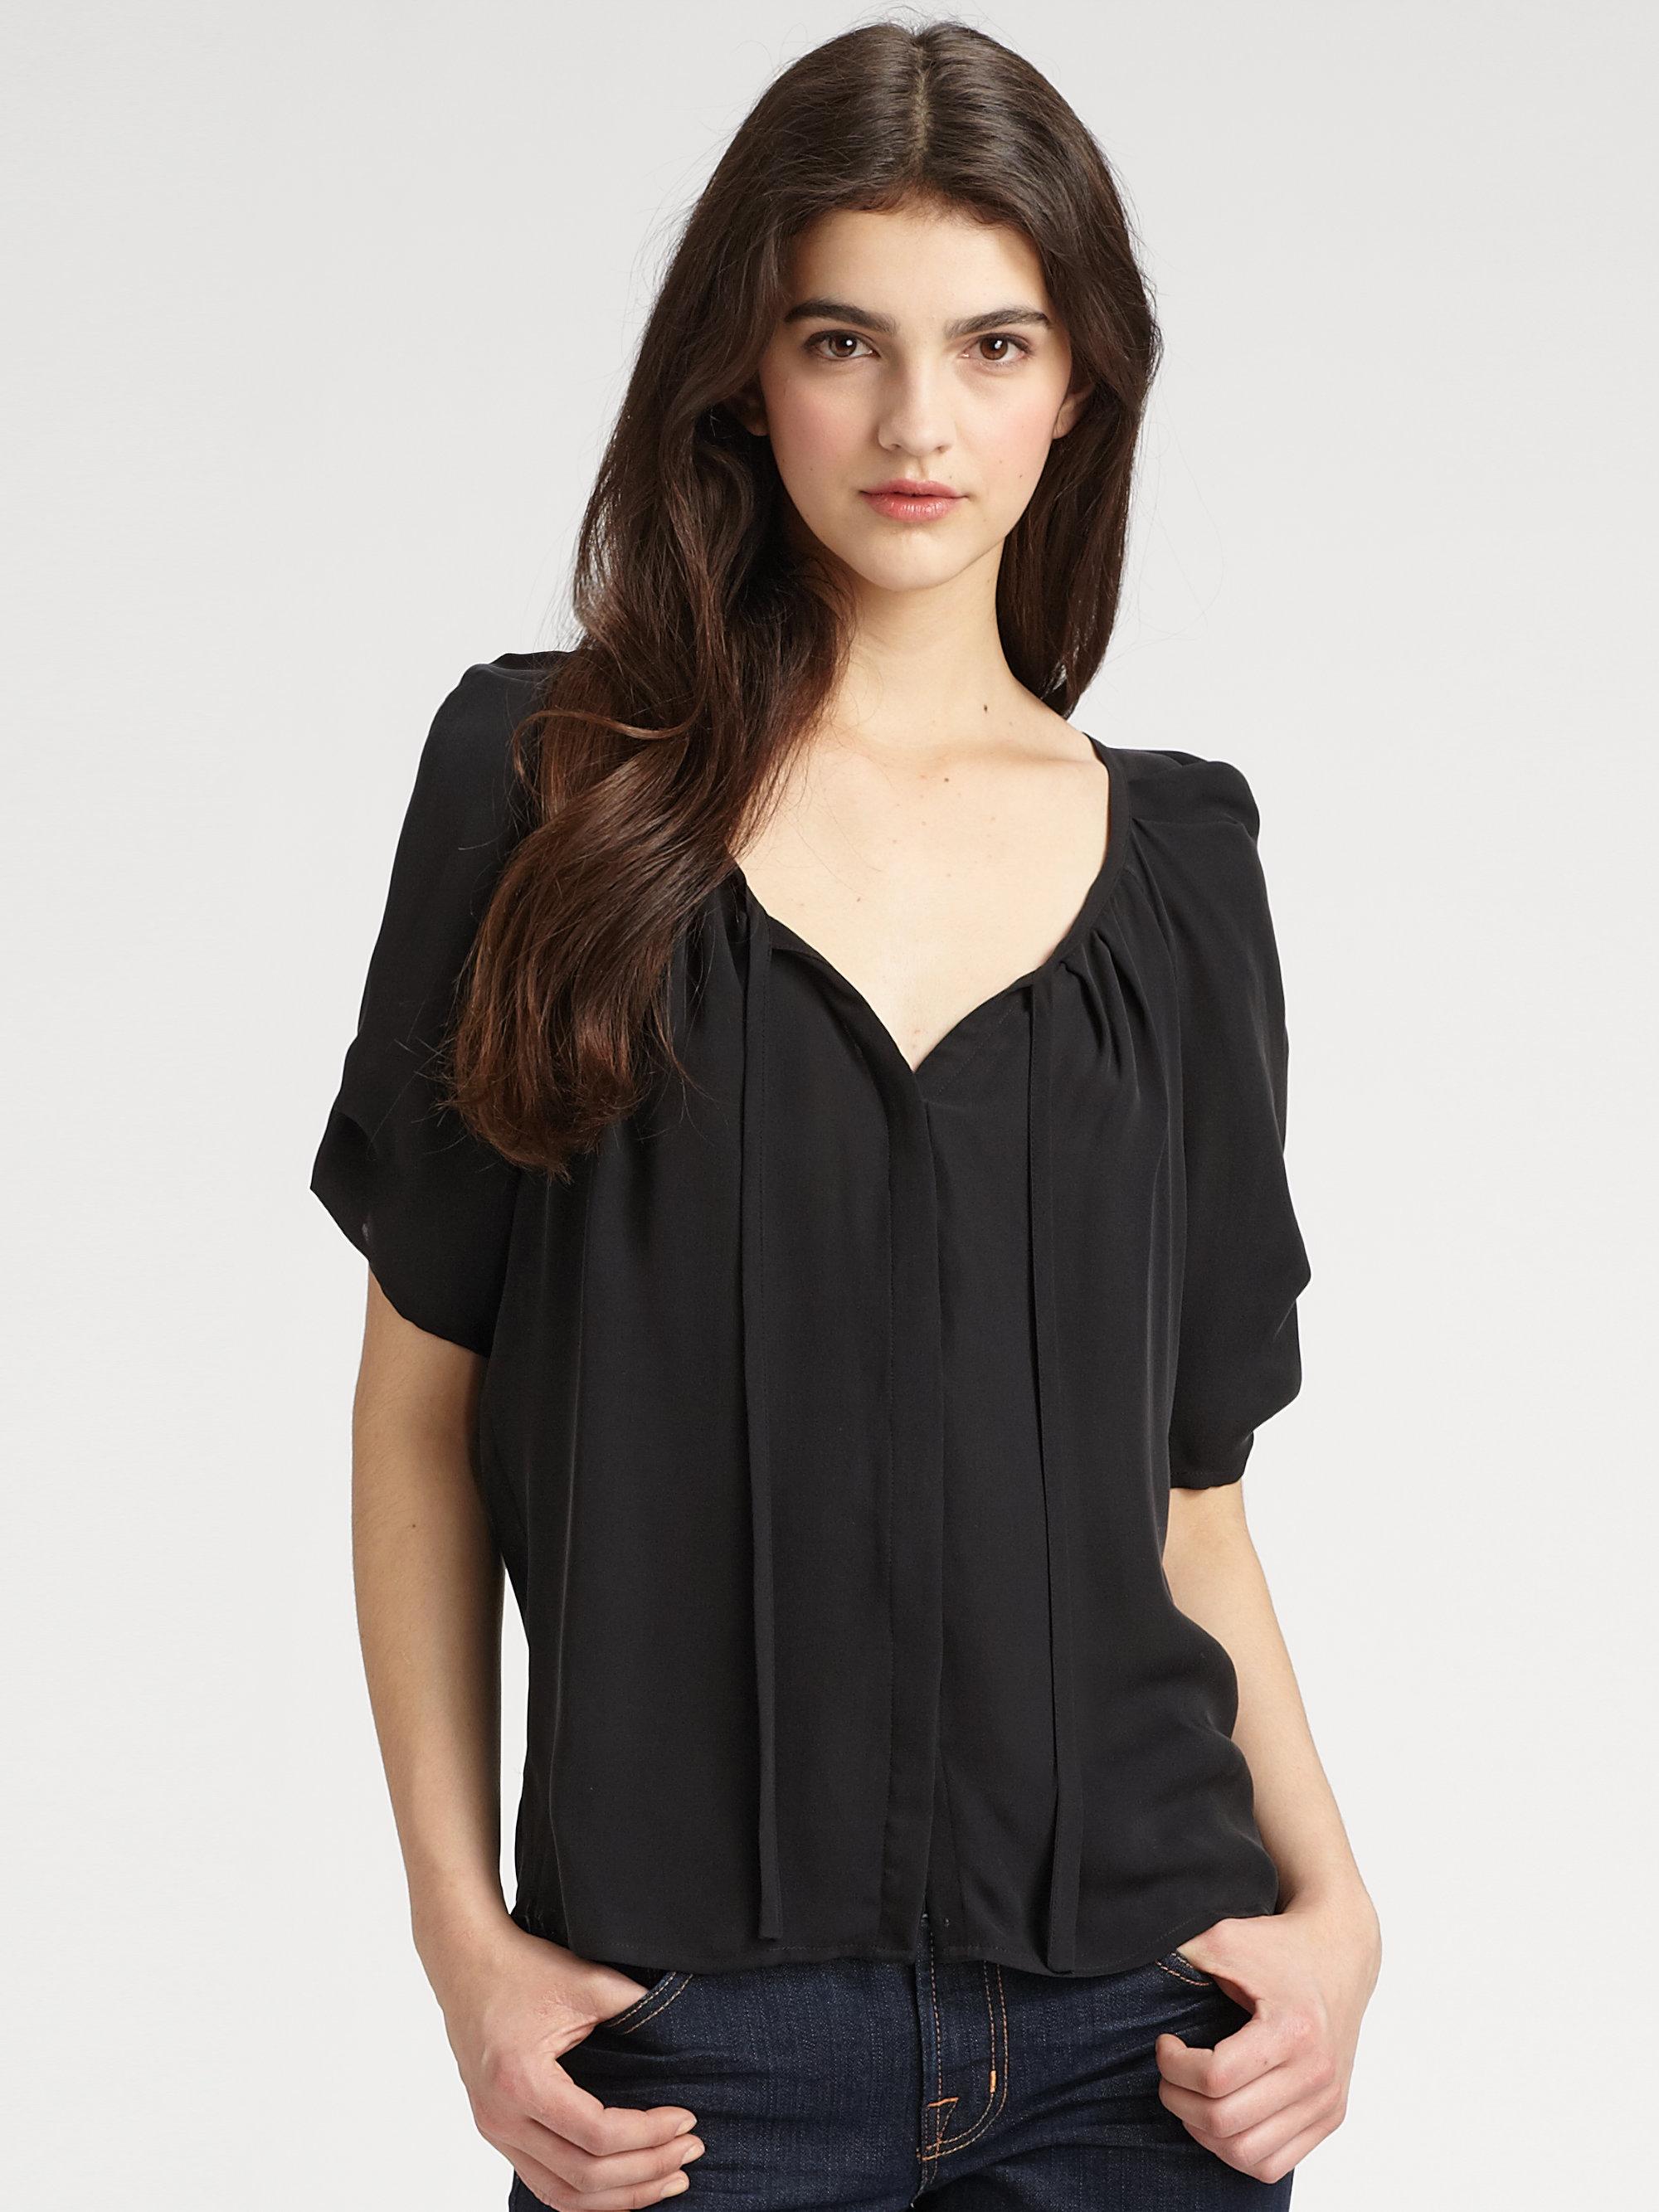 59f1659dbfea8 Lyst - Joie Berkeley Pleated Matte Silk Top in Black